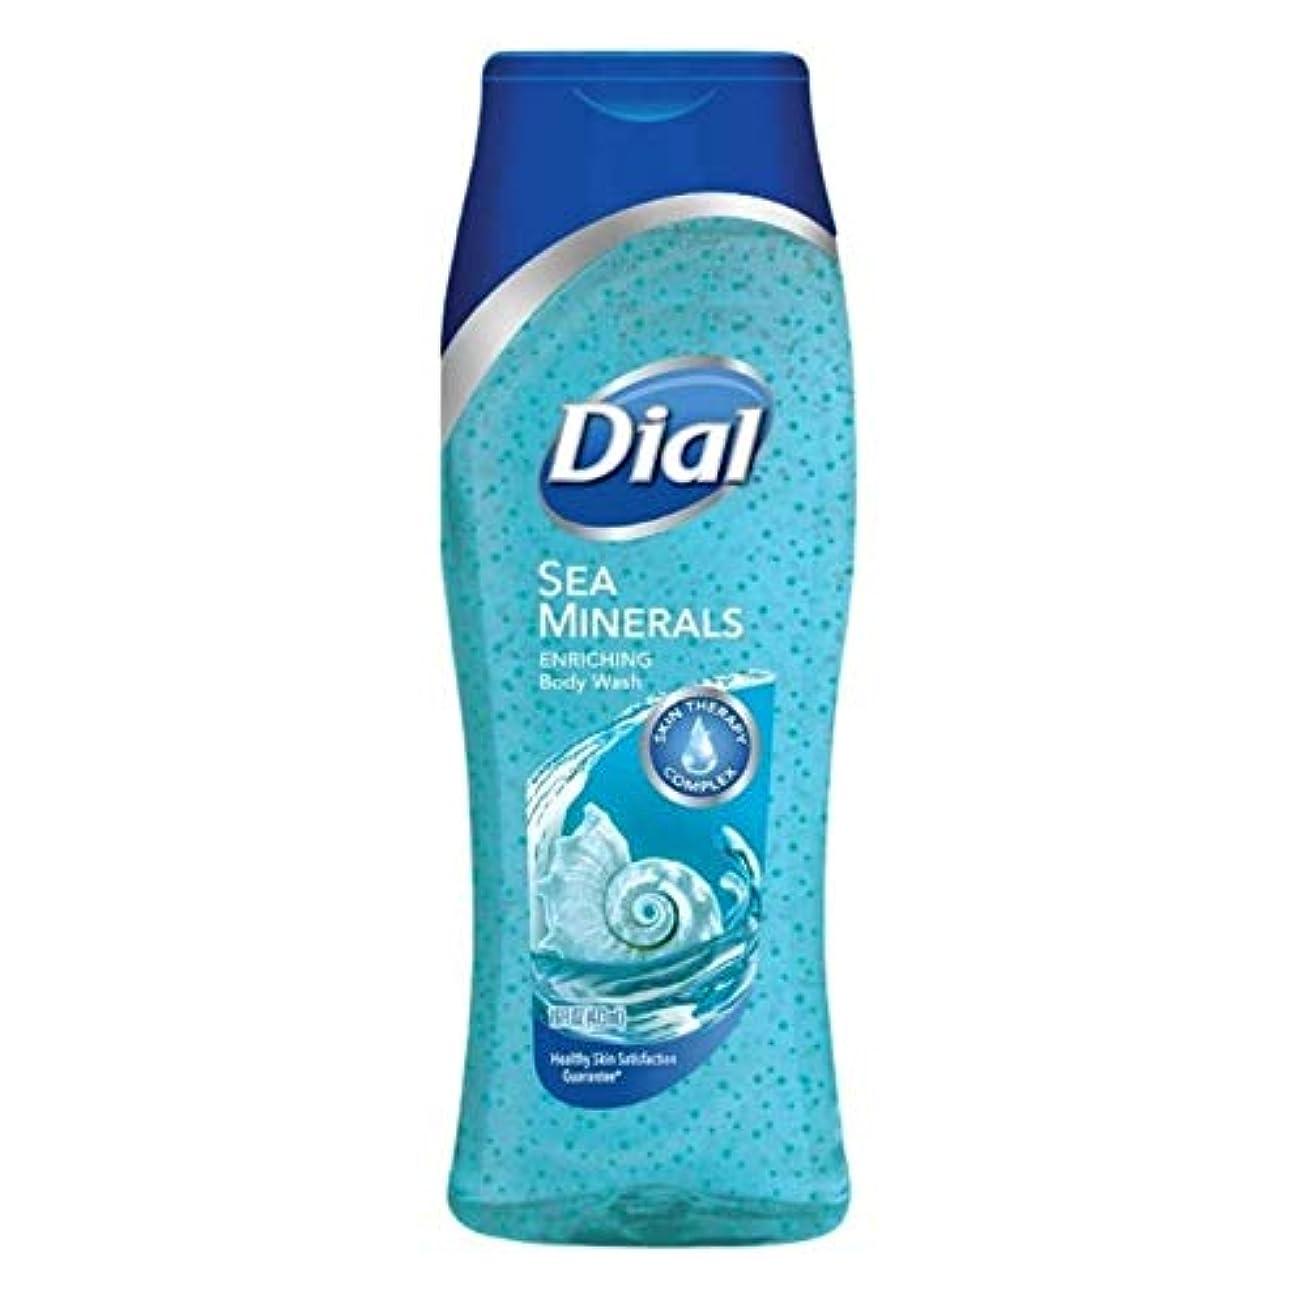 酸化物降ろすレモンDial Body Wash, Himalayan Salt & Exfoliating Beads, 16 Fl. Oz - 2 pk by Dial